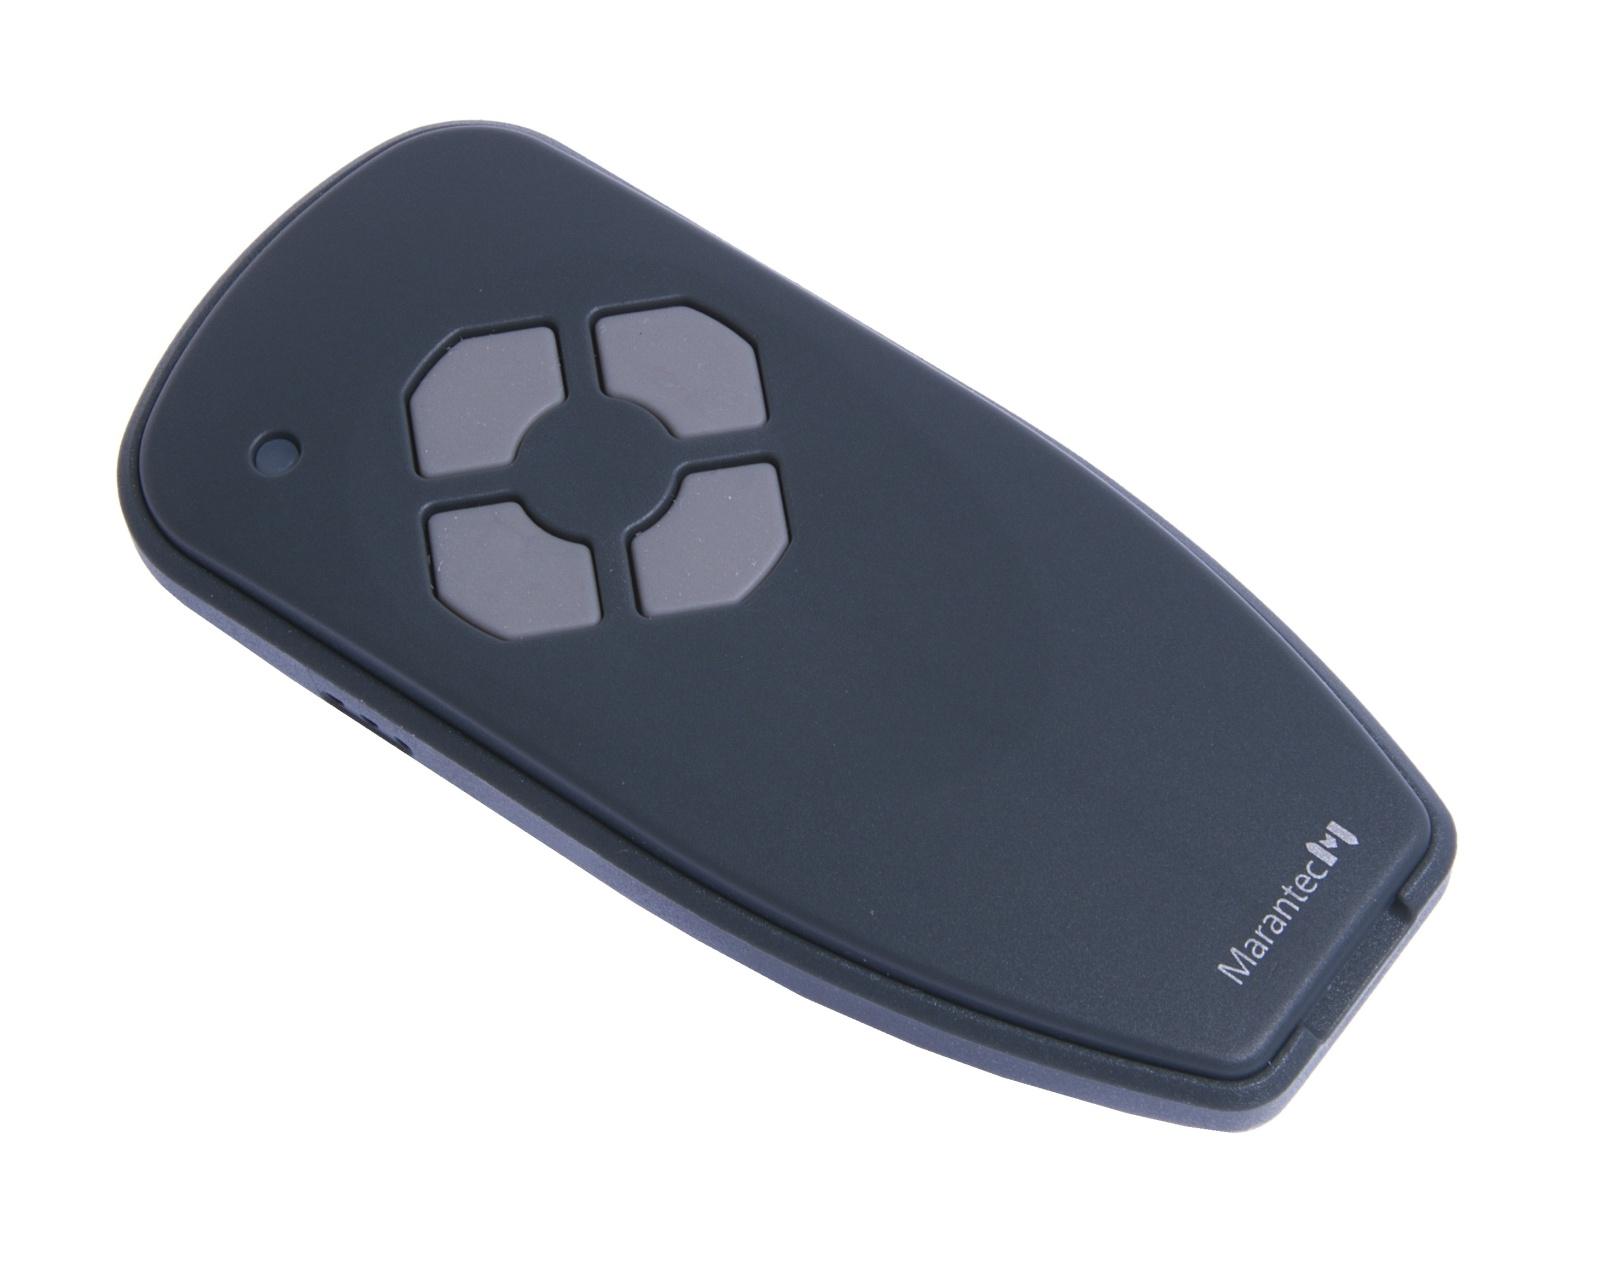 Dálkový ovladač Marantec Digital 384, 4-kanálový, 433,92 Mhz